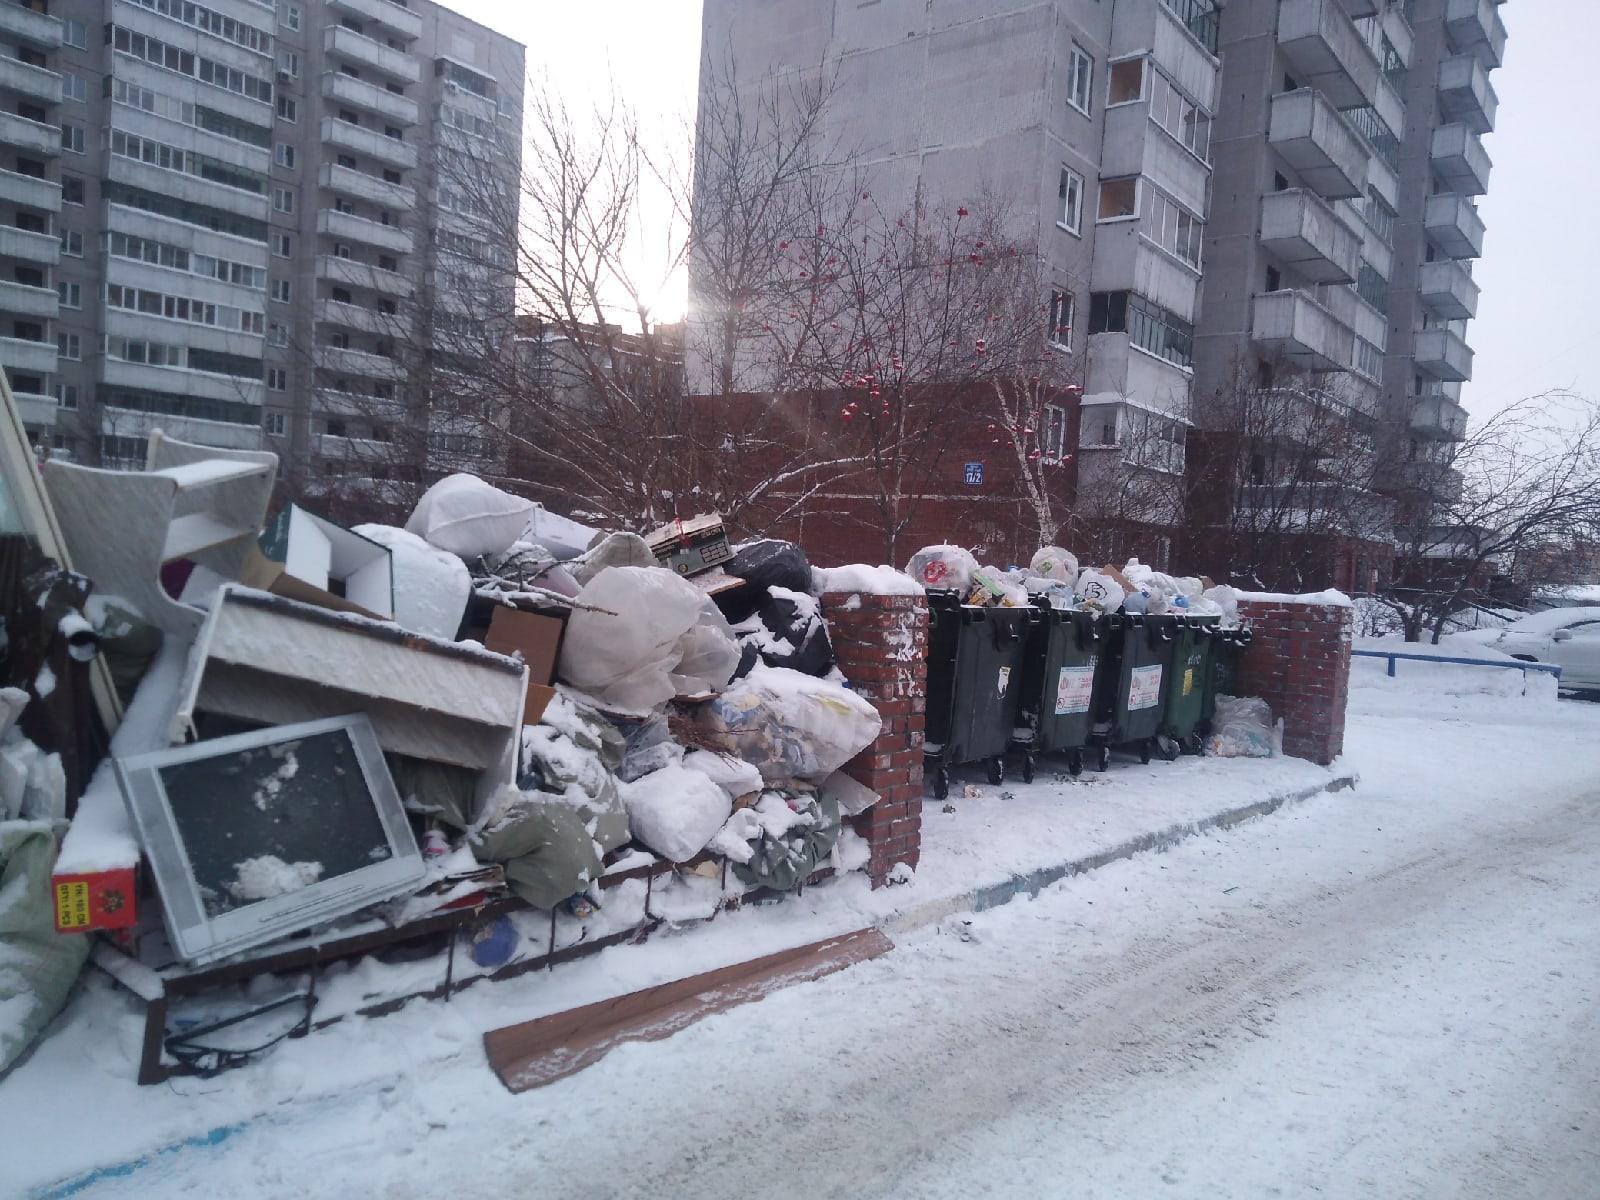 Предновогодний мусорный коллапс возник во дворах Новосибирска: жители взмолились срочно вывезти переполненные баки